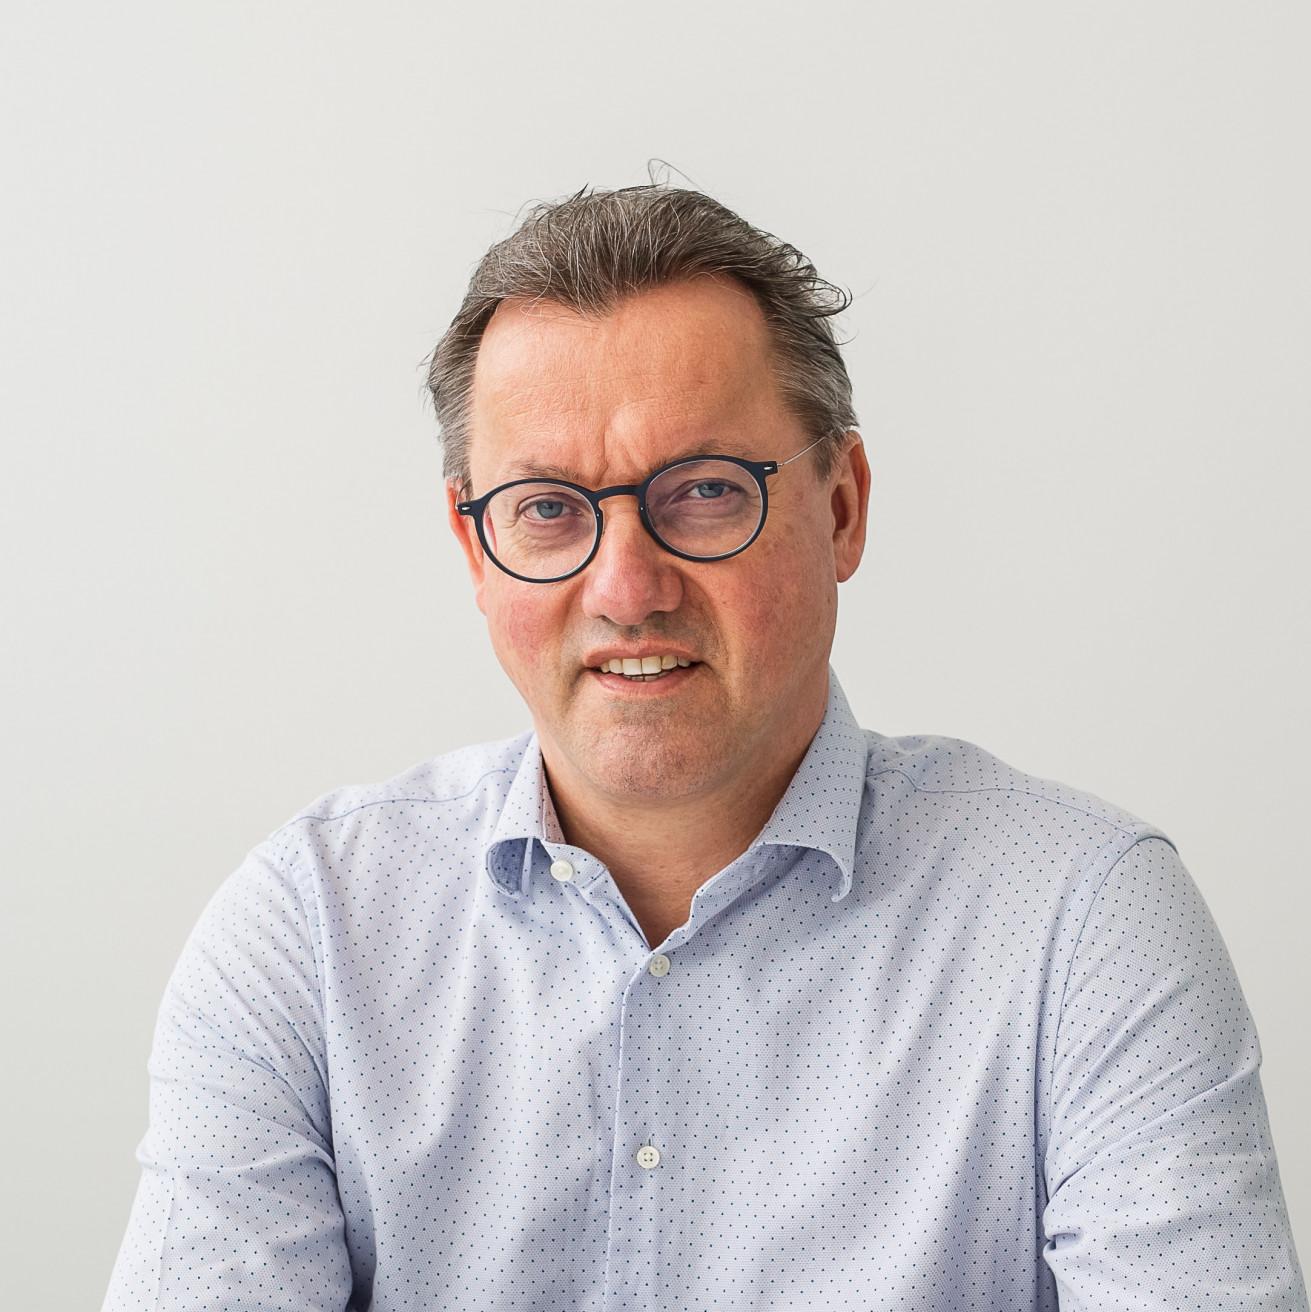 Luc Deraedt